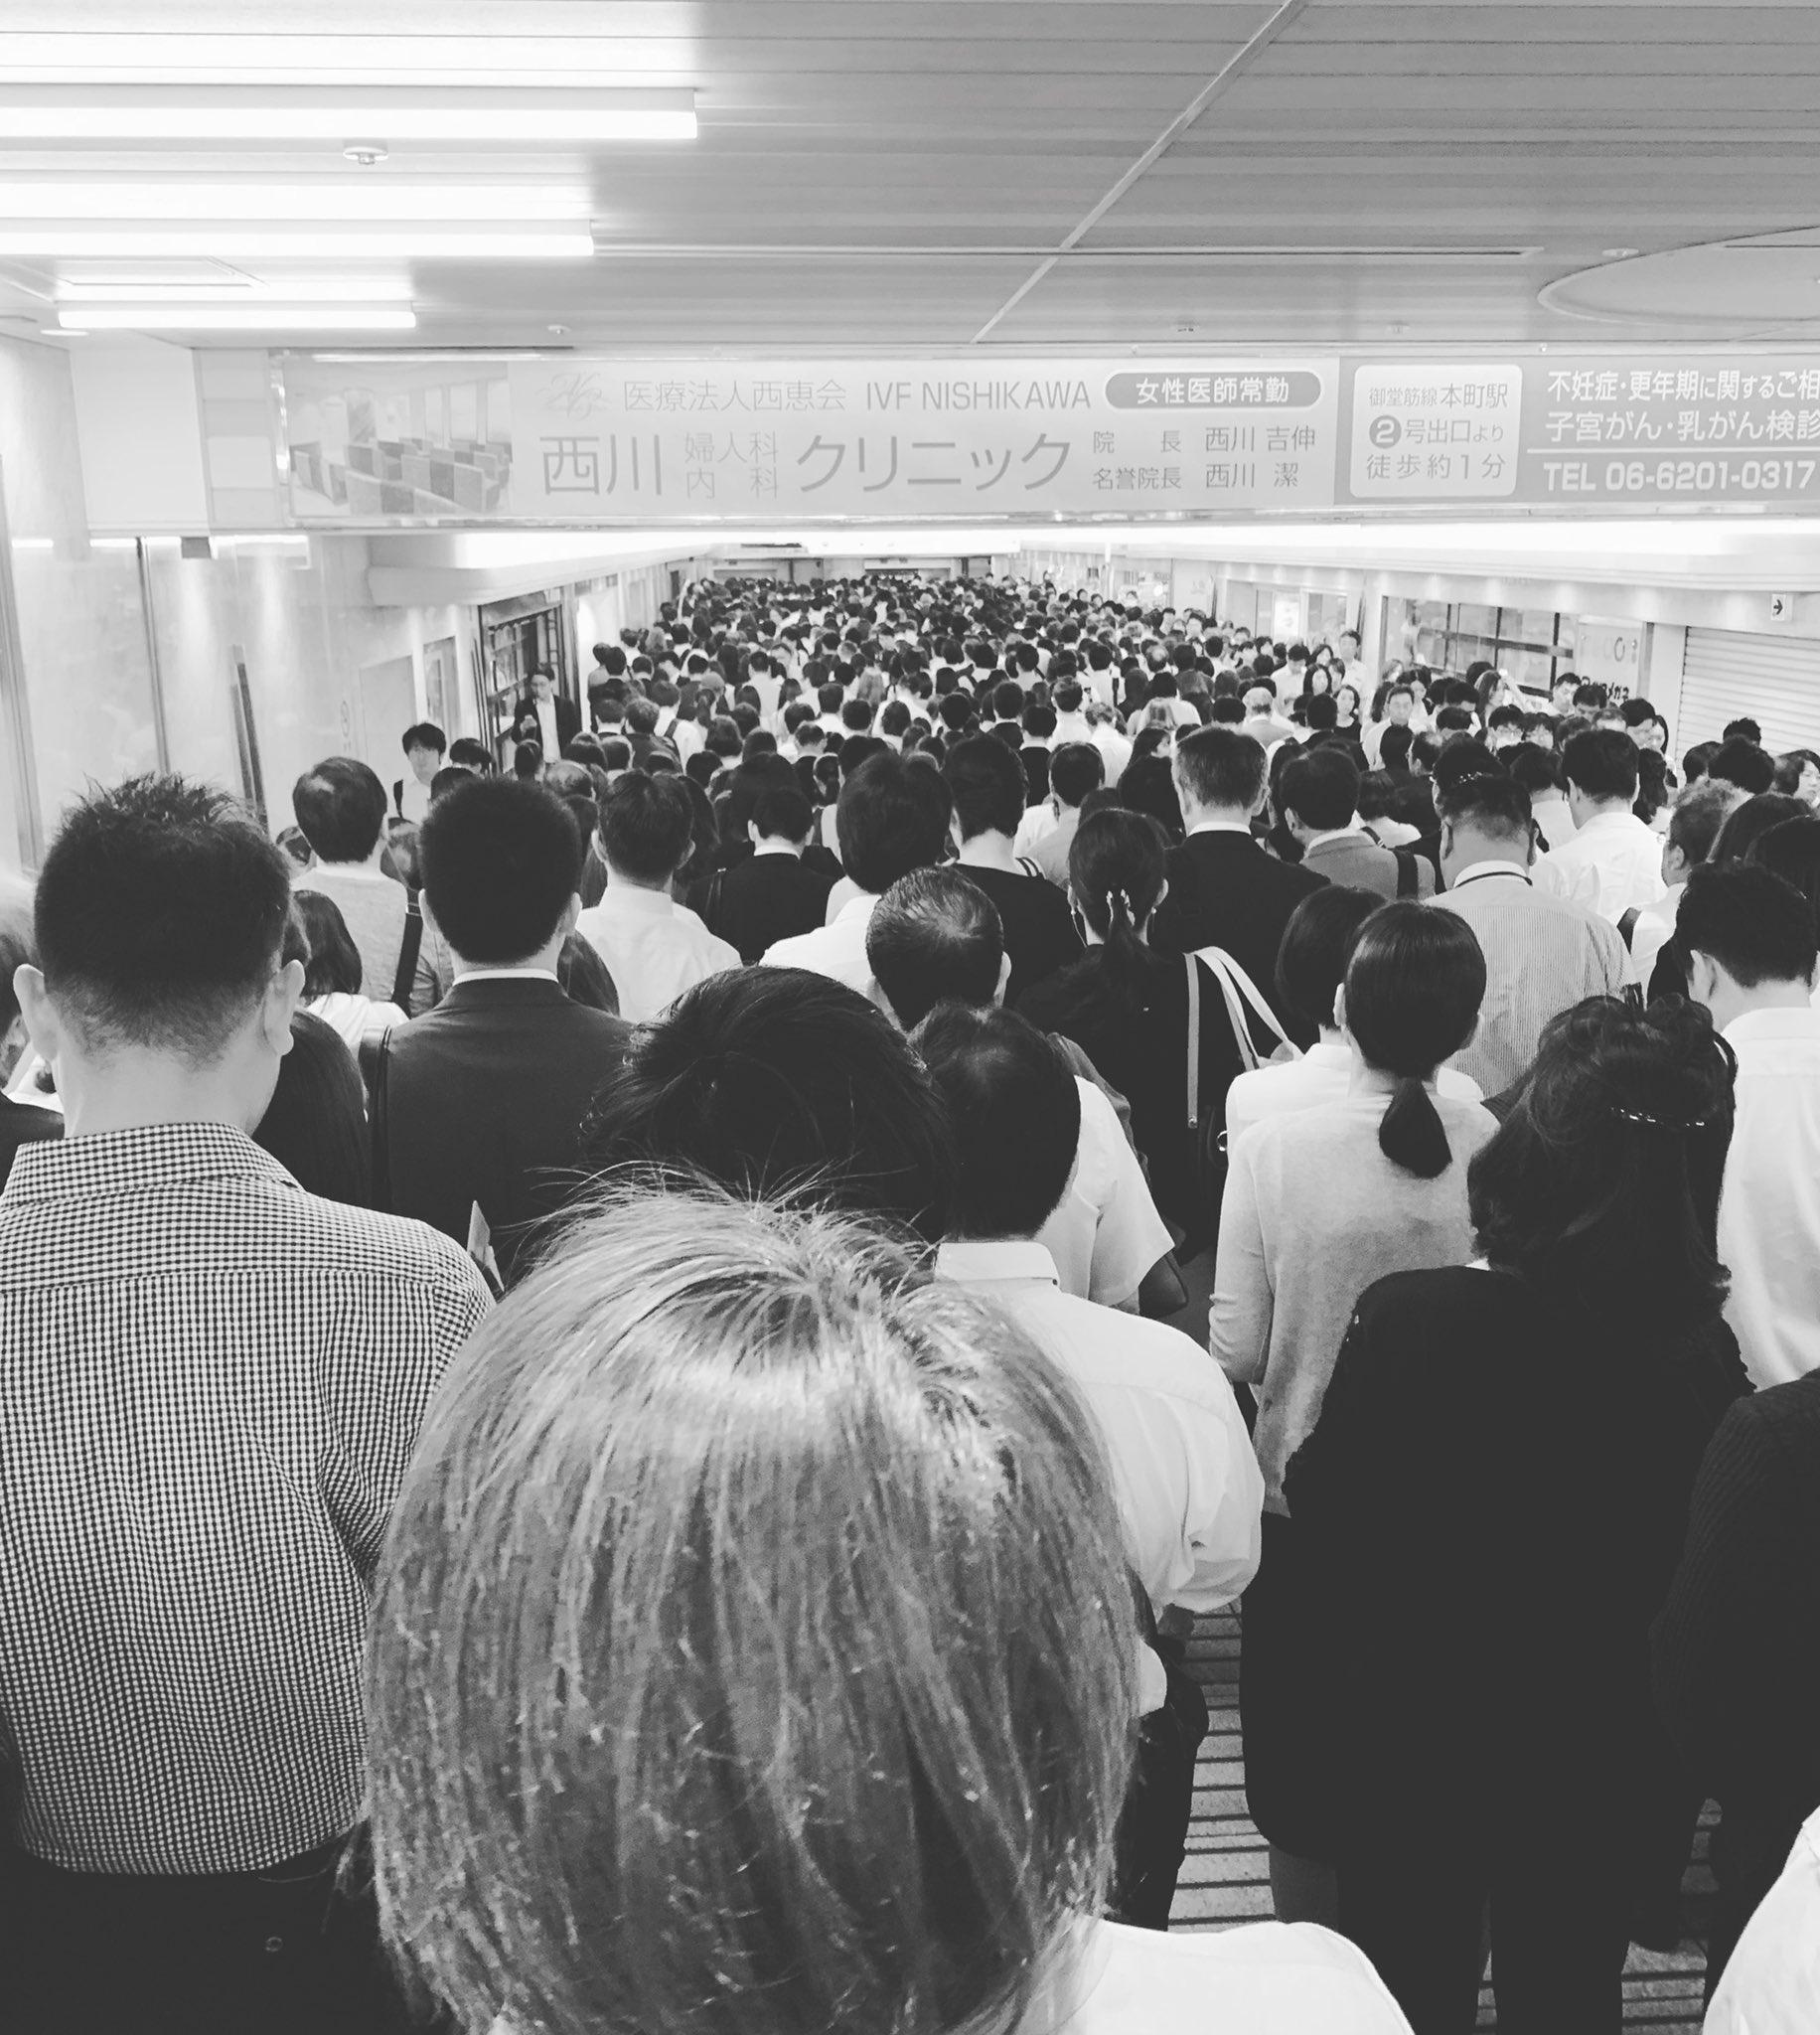 画像,地下鉄(御堂筋線)止まってる 8:43 梅田駅 https://t.co/D12gUhhmr1。